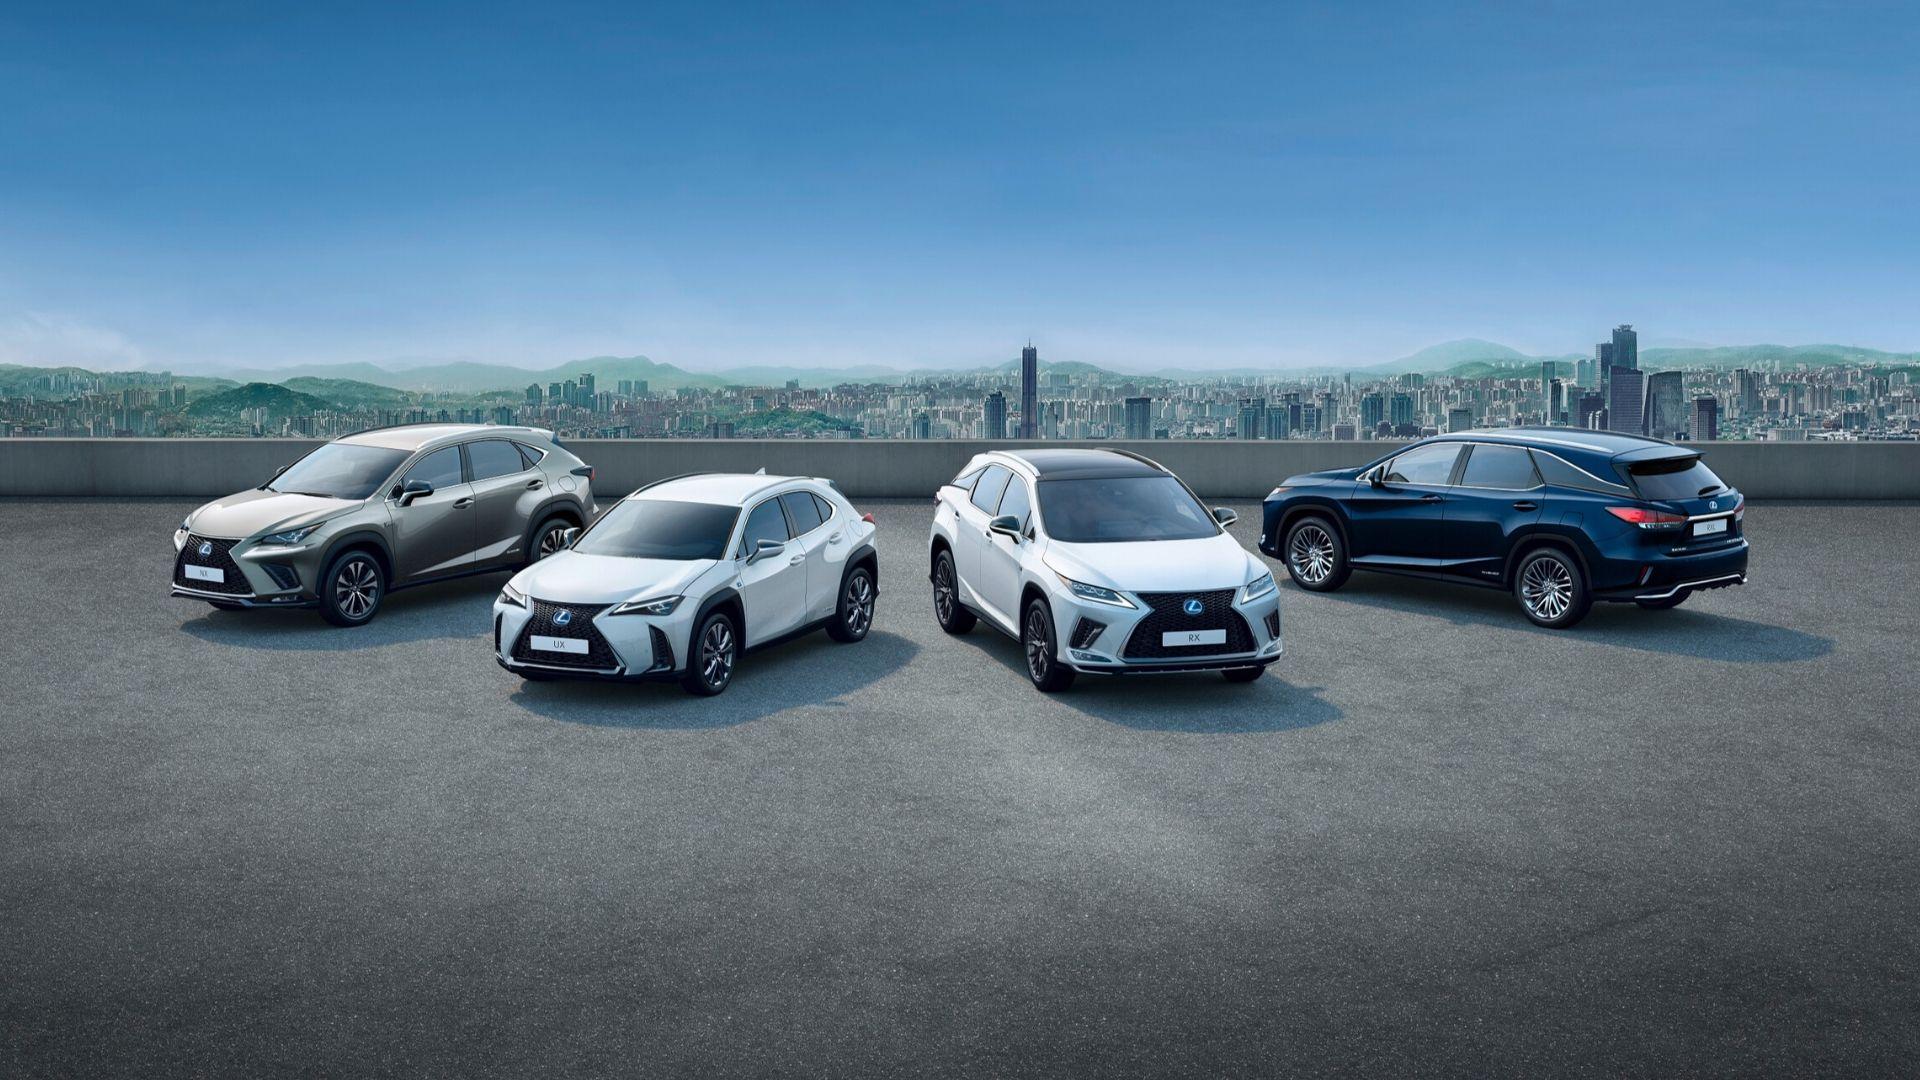 Lexus Hybrid SUV Range